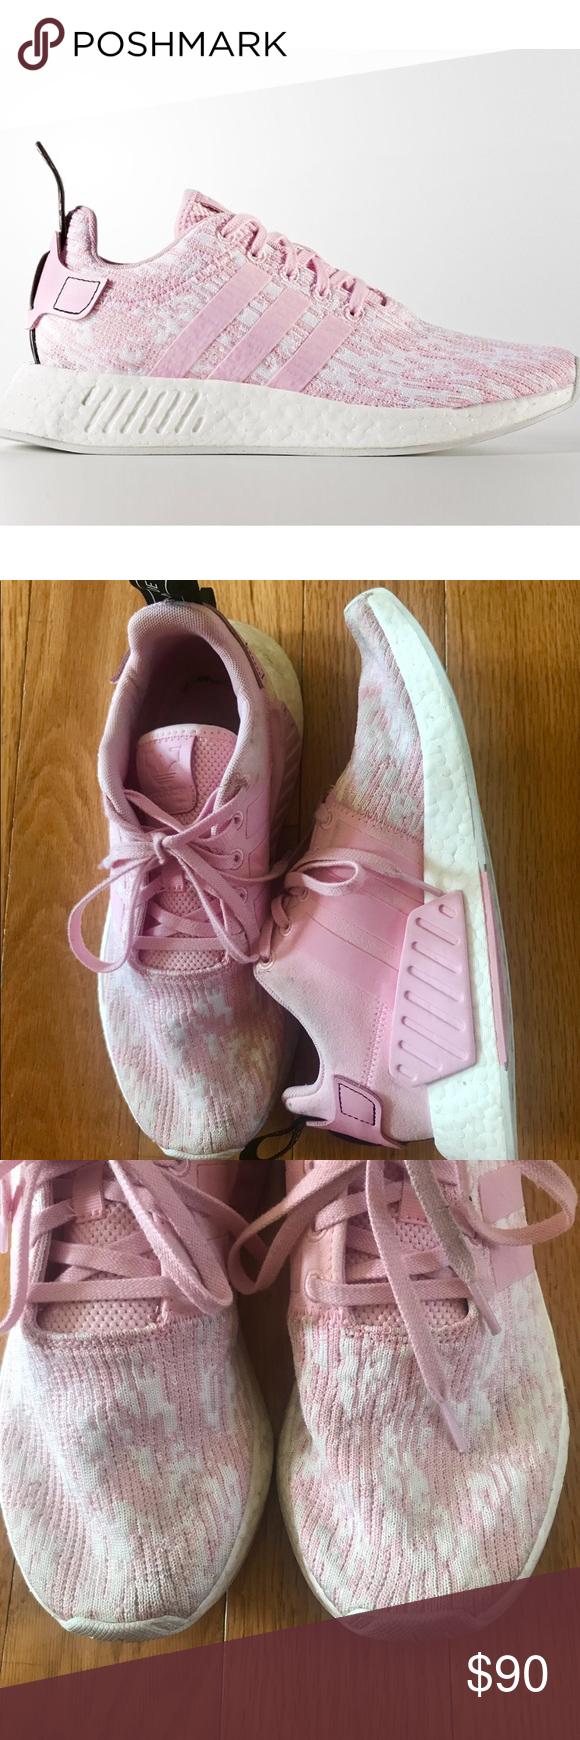 vente chaude en ligne 68784 9056c Adidas Ultra Boost Sneakers La Marque Aux 3 Bandes Pink ...